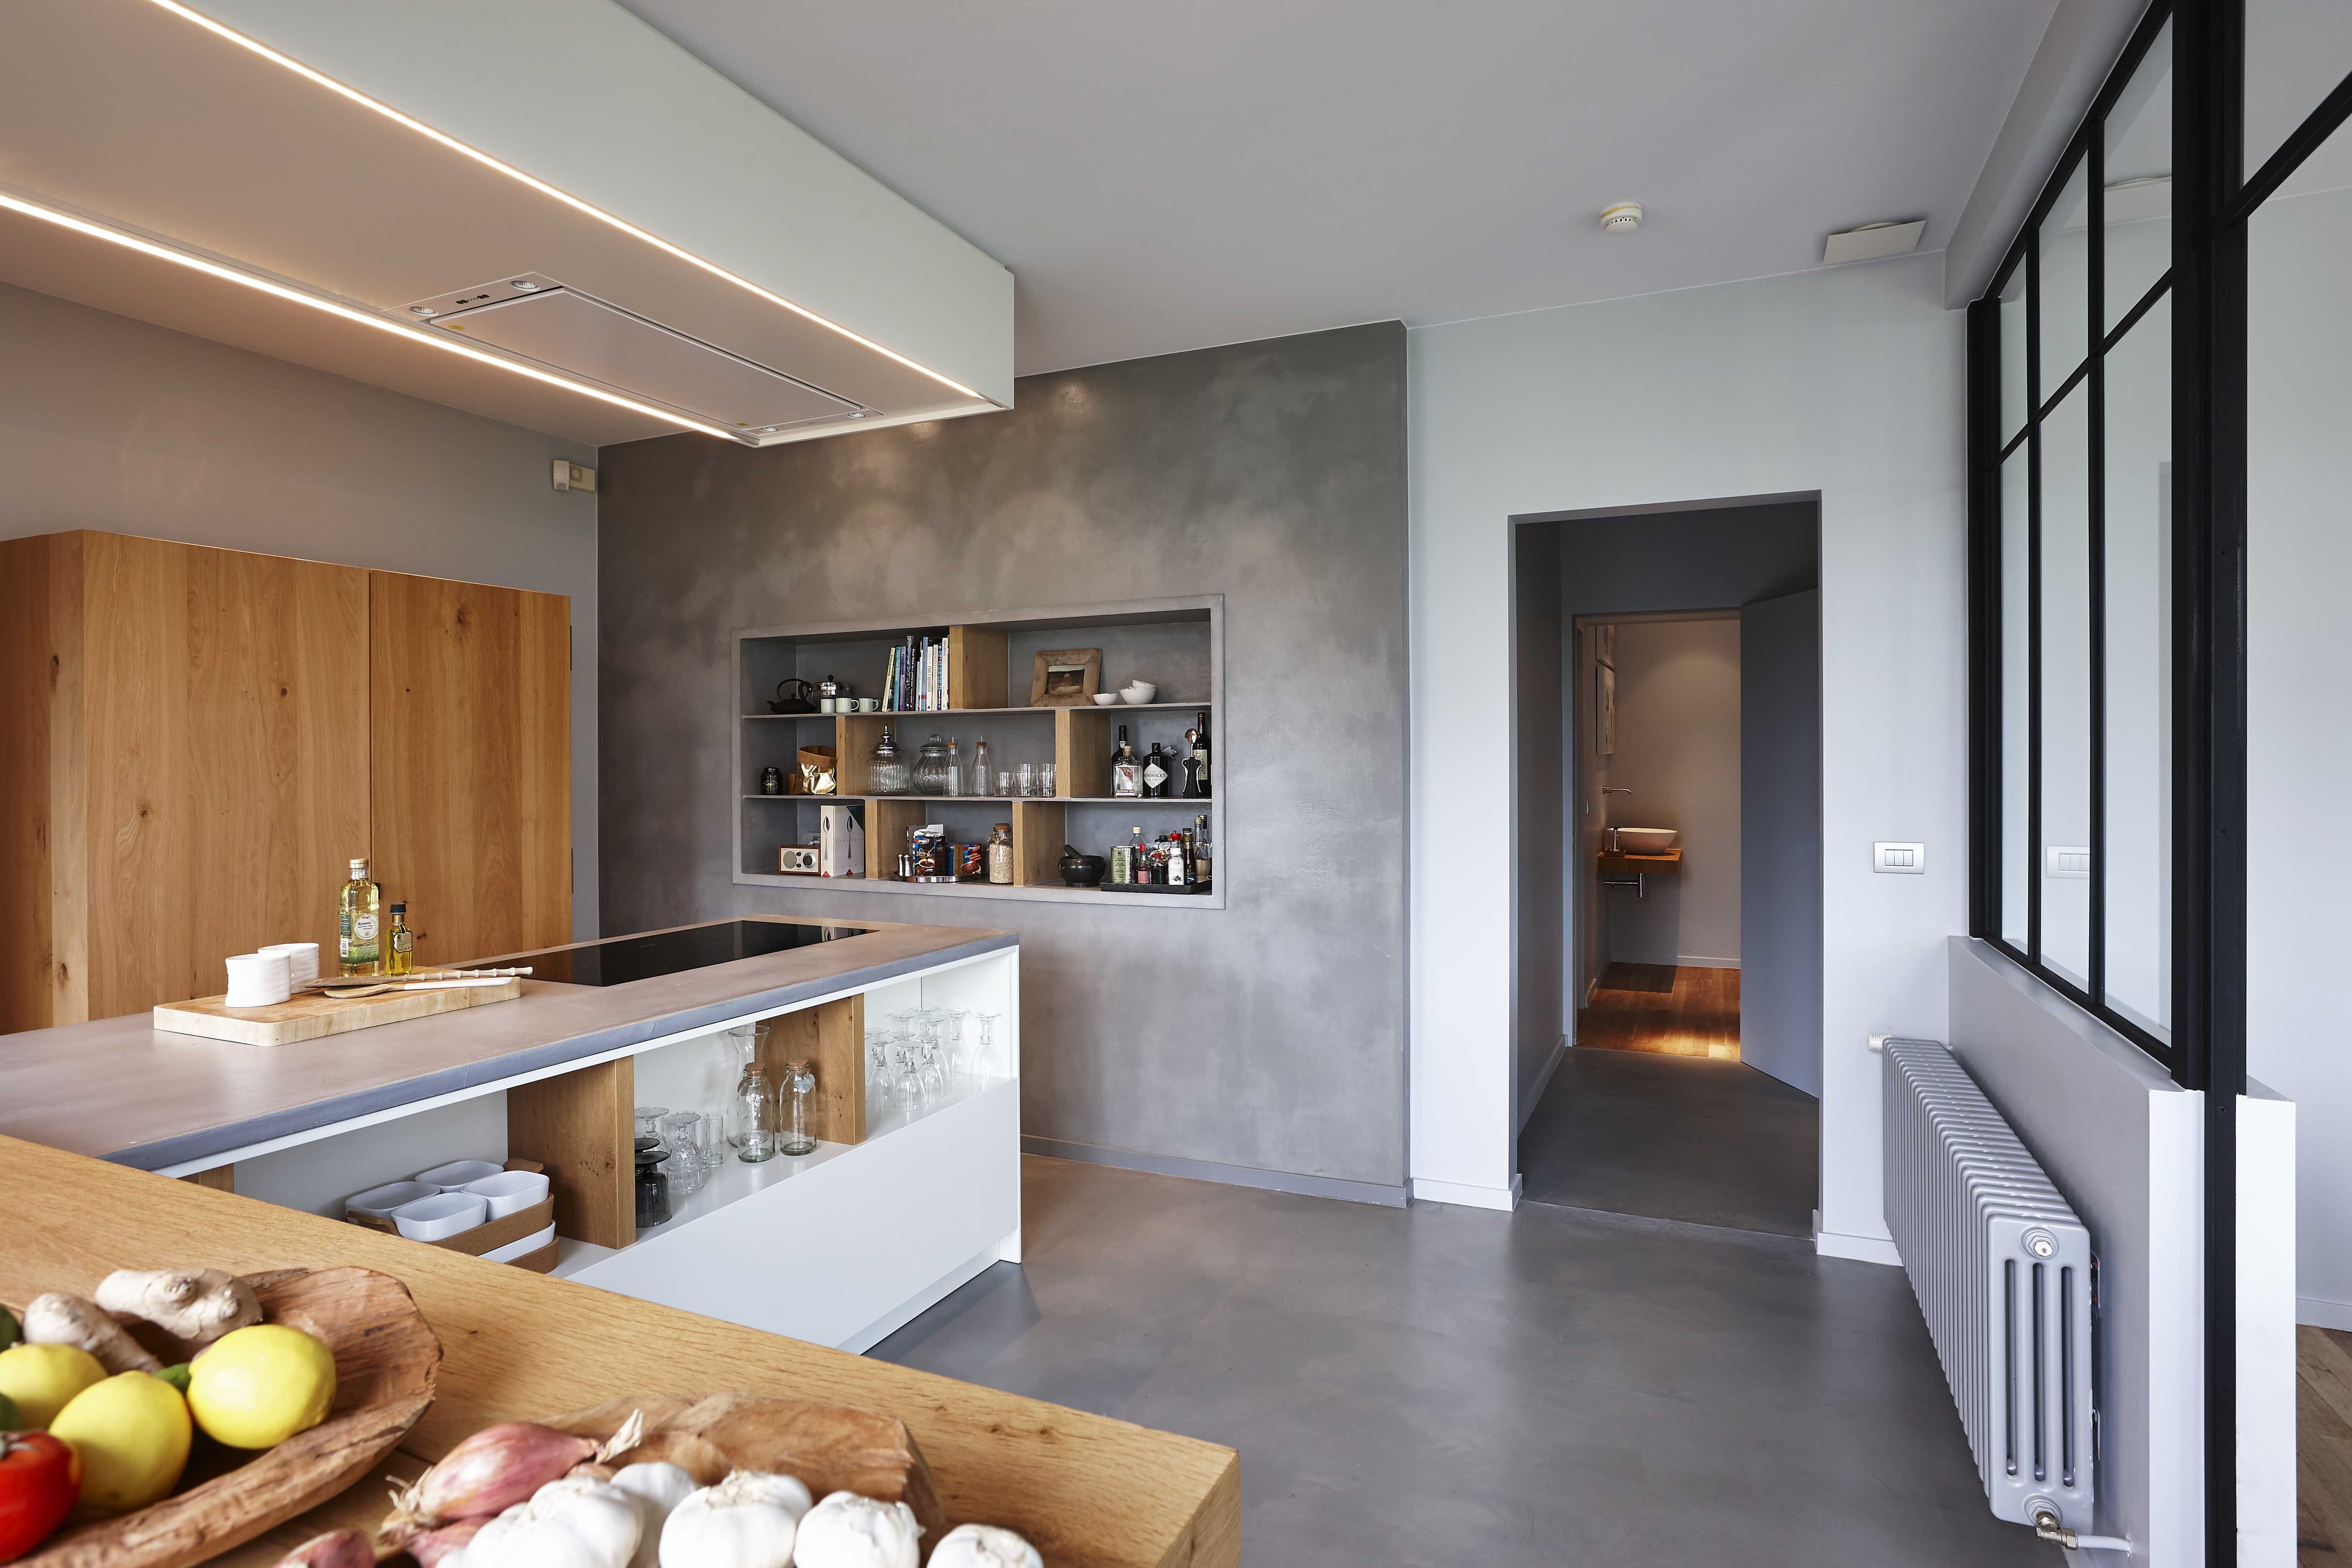 Cuisine design bois et béton dans une maison en Belgique totalement ...